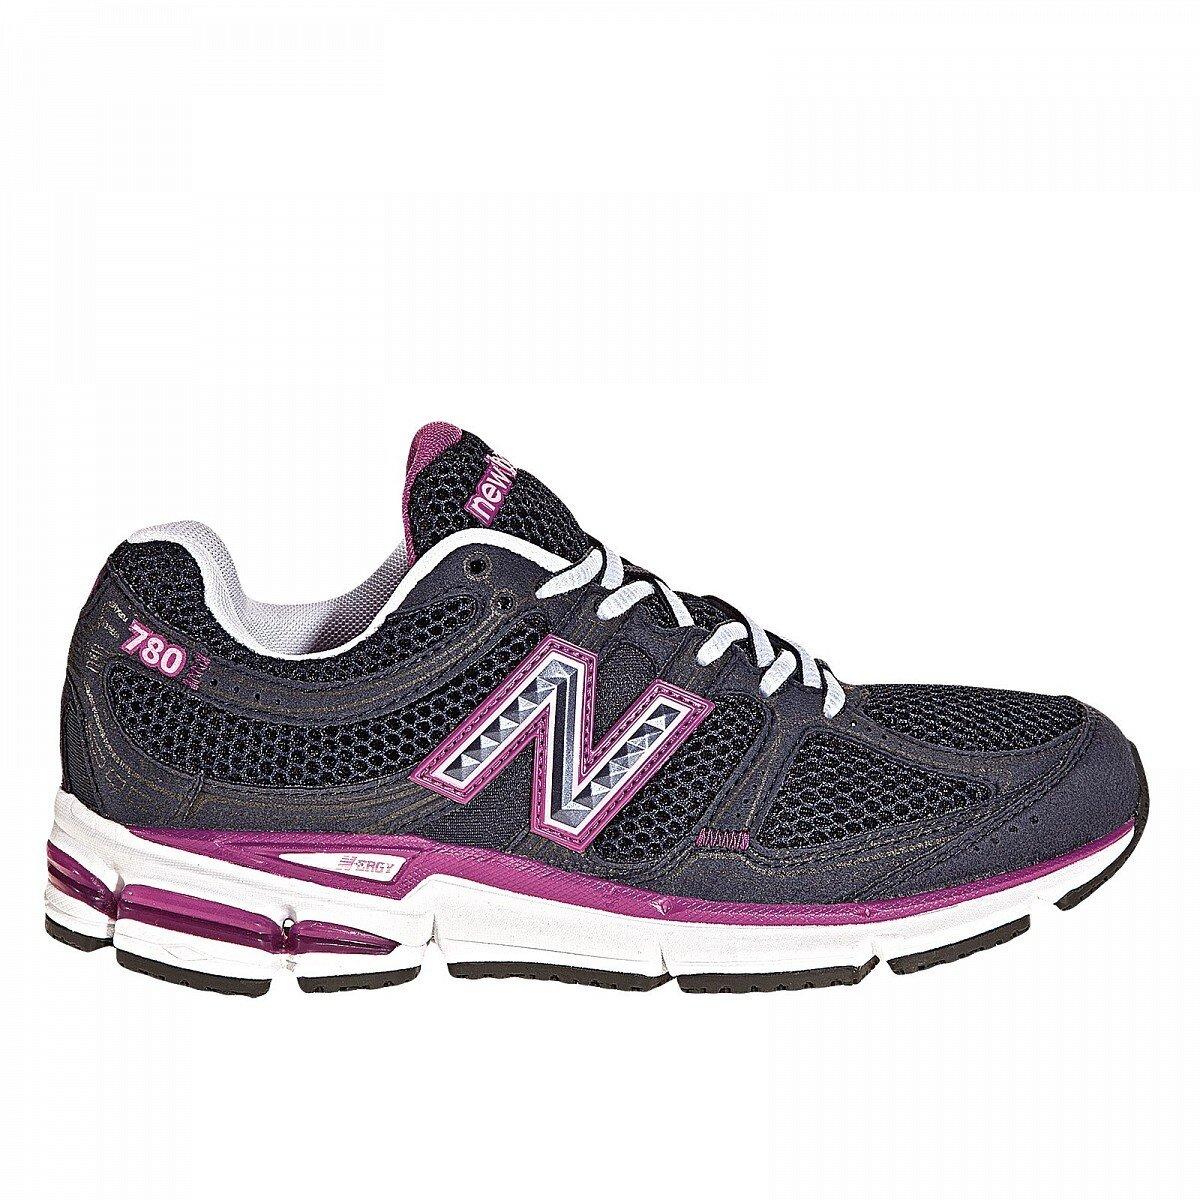 Dámske čierne bežecké tenisky New Balance s fialovými detailami ... d8413f9a108